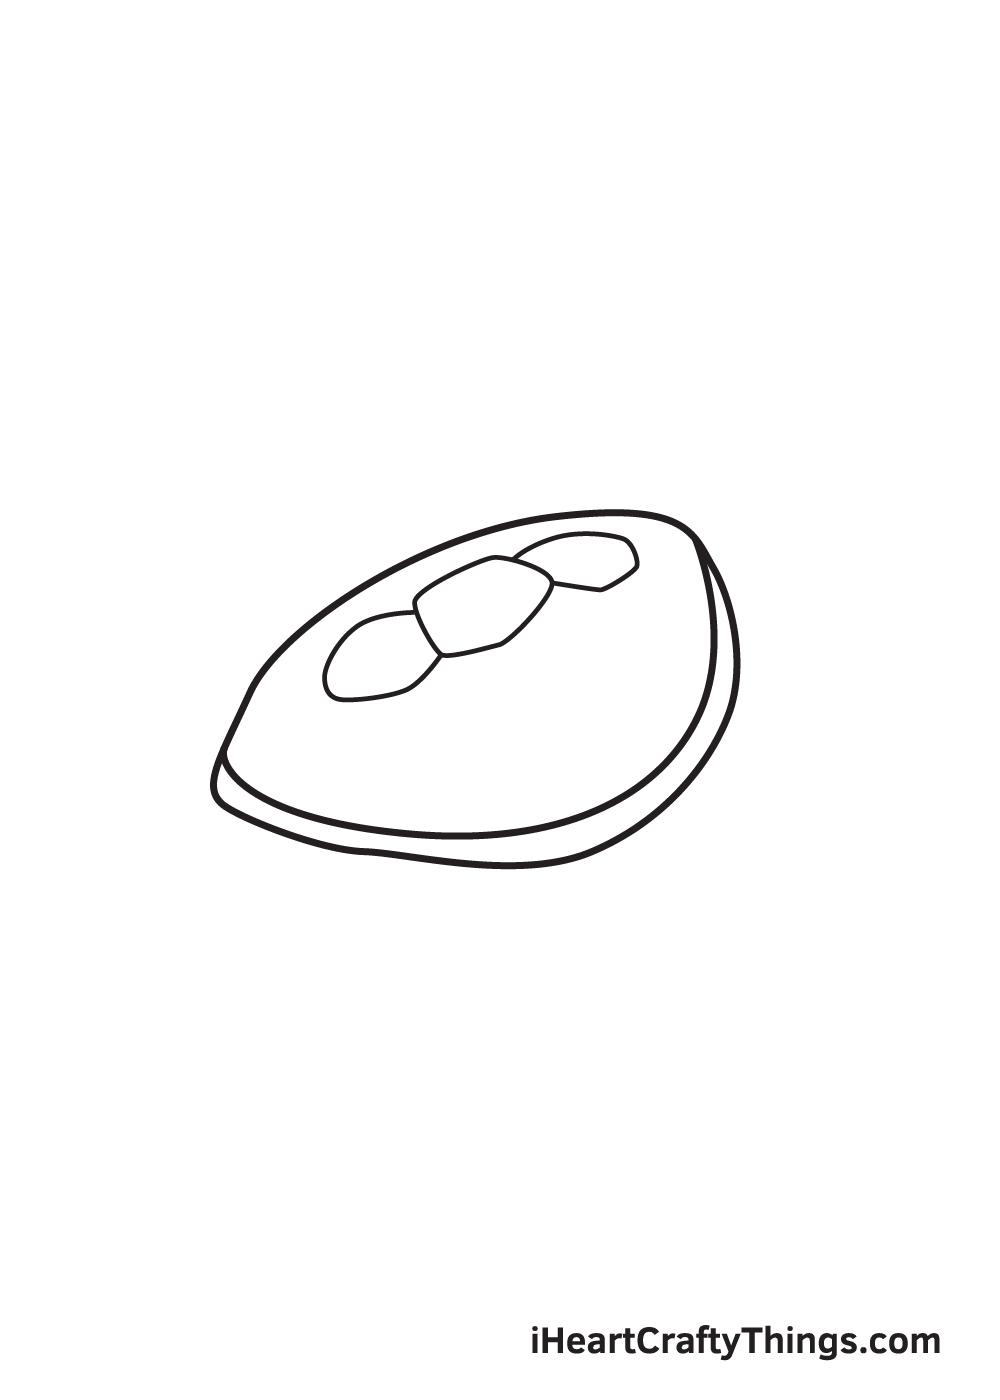 Vẽ rùa biển - Bước 3